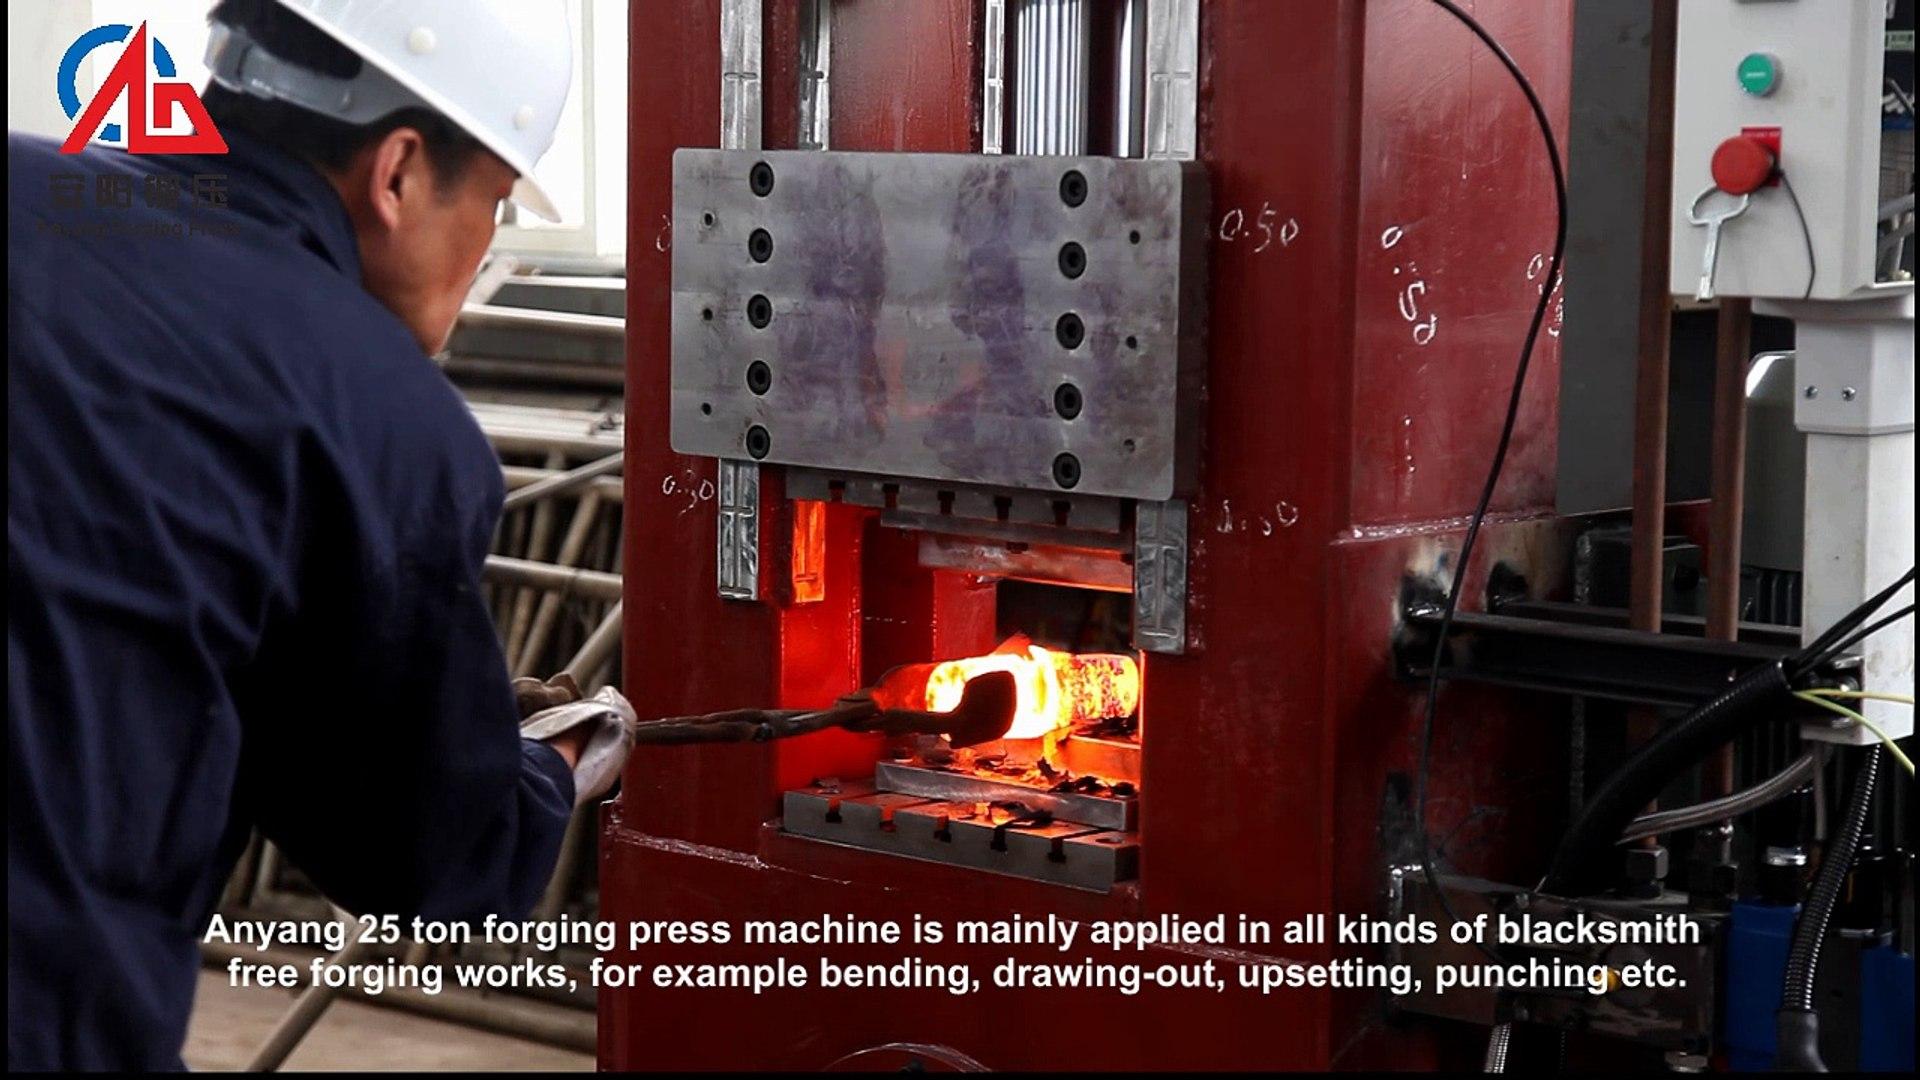 4 anyang blacksmith free